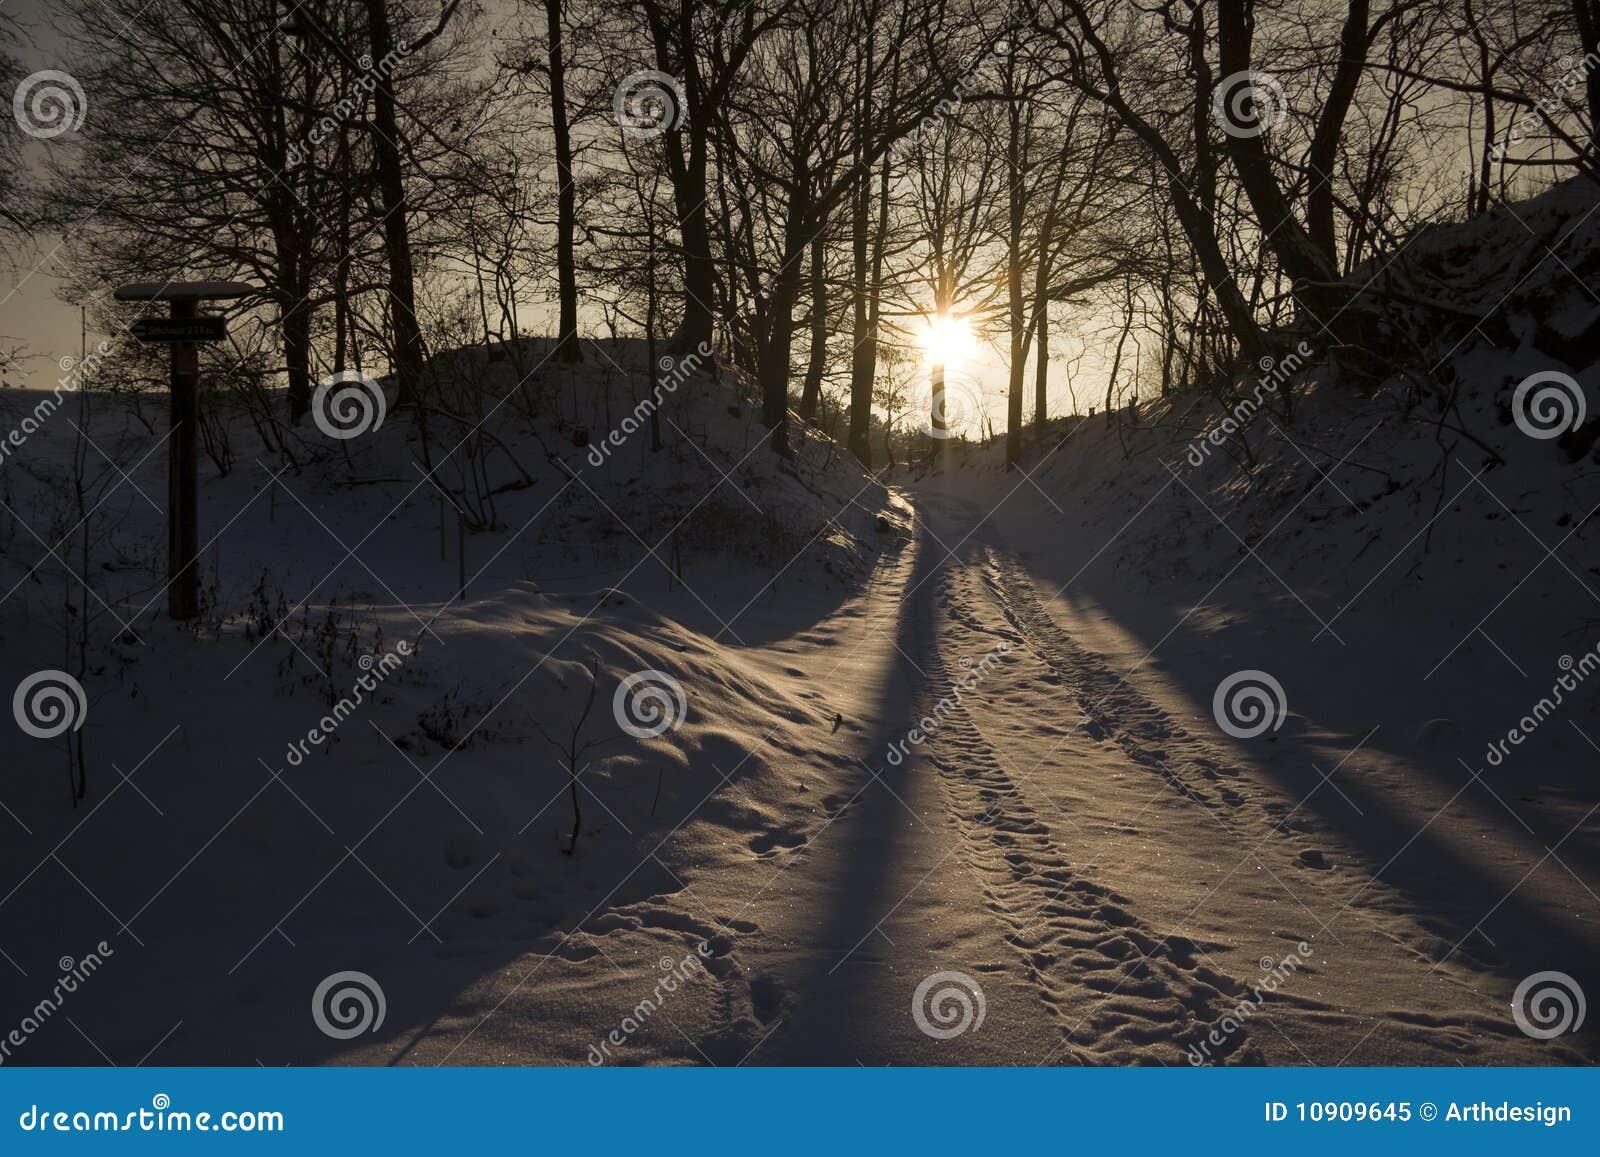 夜间横向冬天